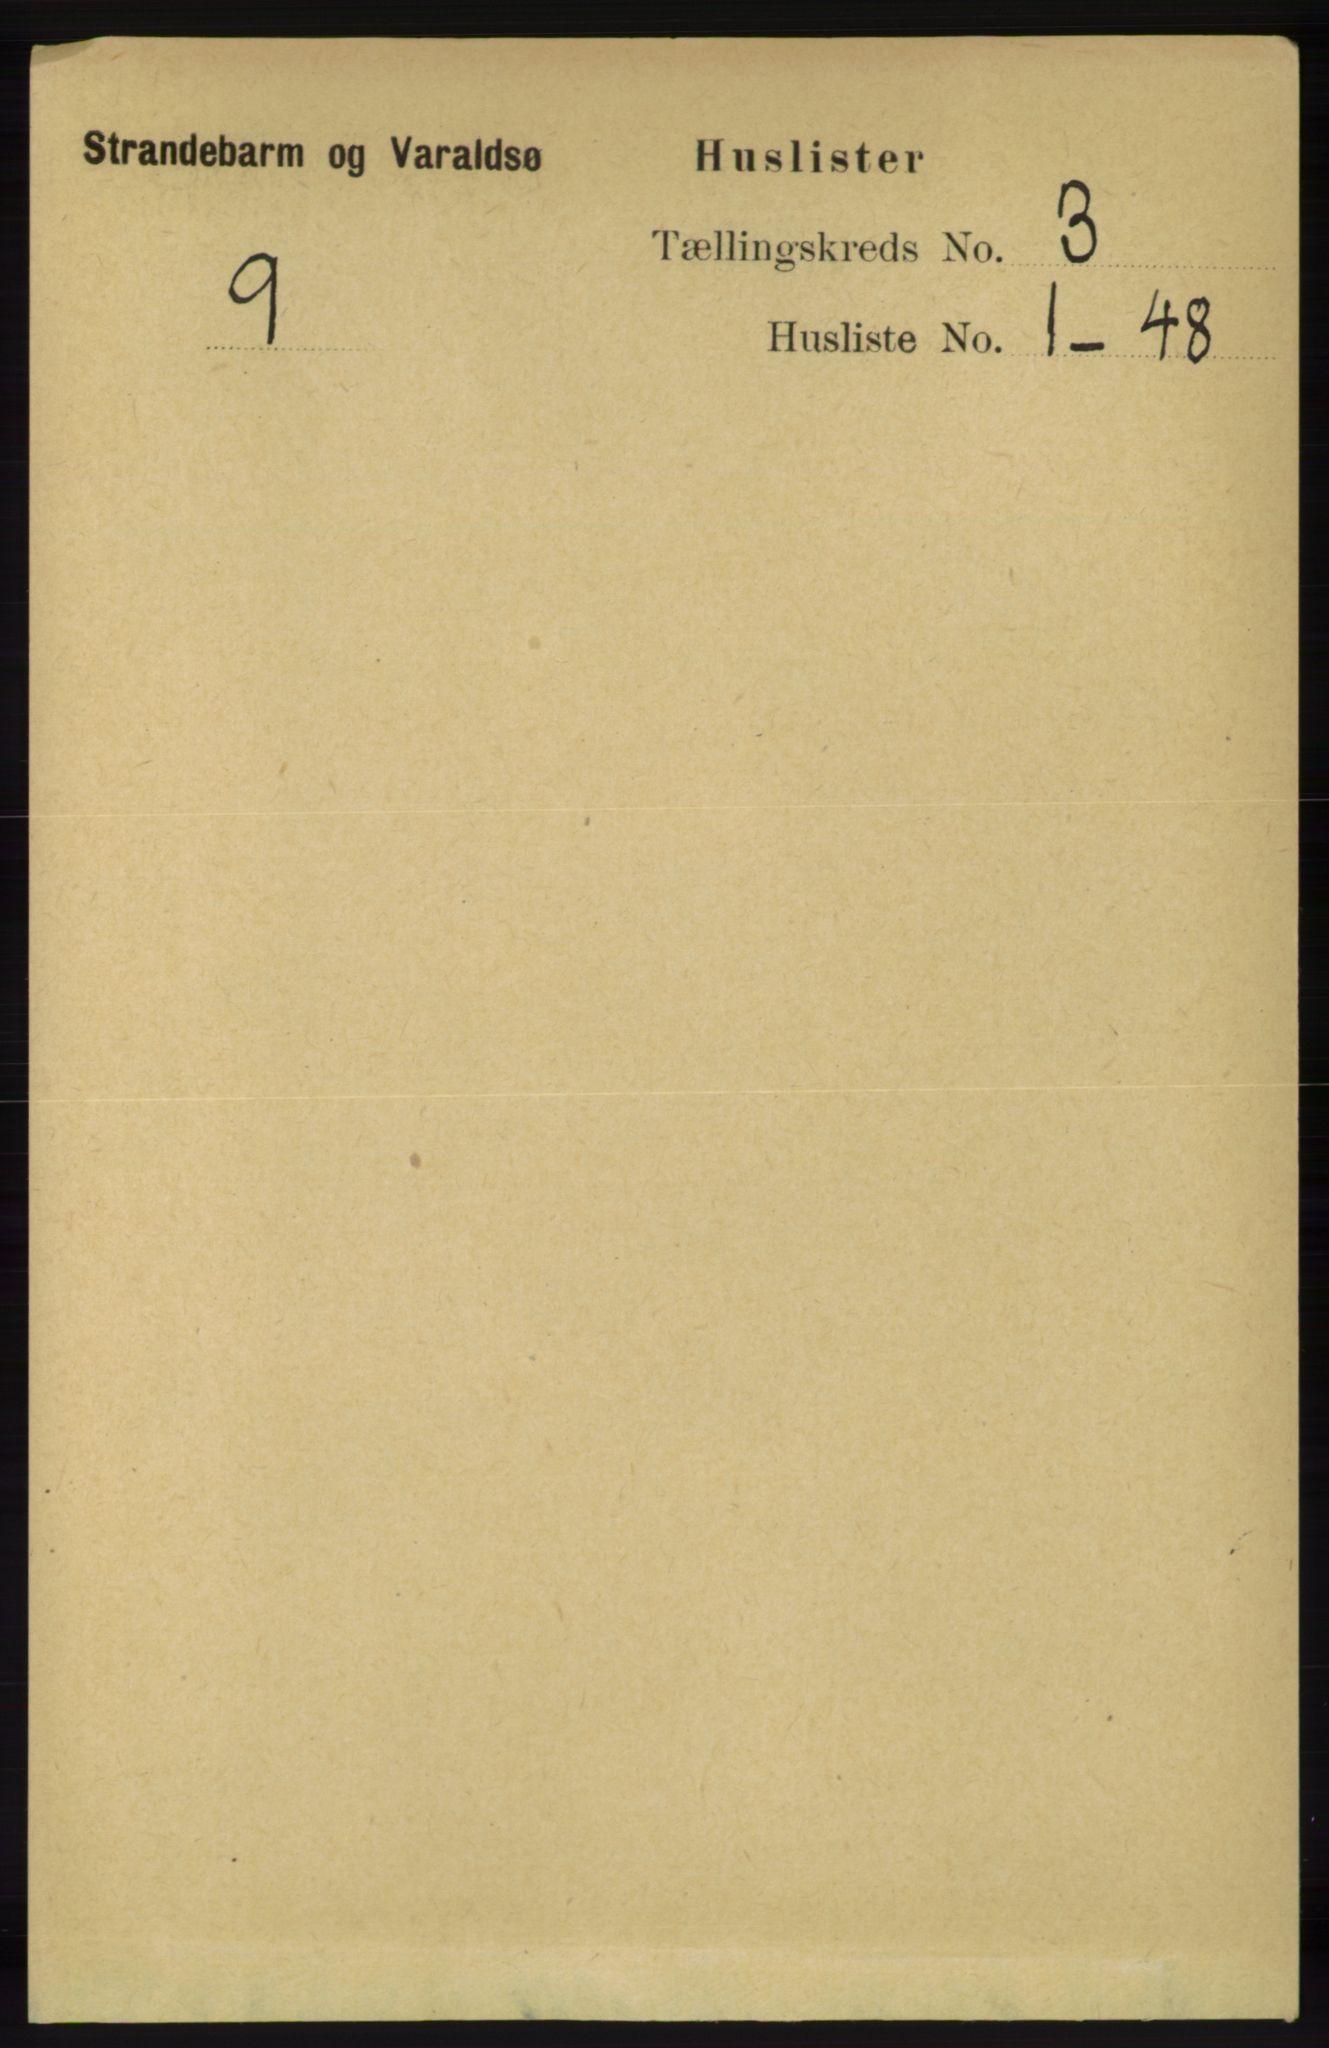 RA, Folketelling 1891 for 1226 Strandebarm og Varaldsøy herred, 1891, s. 1035